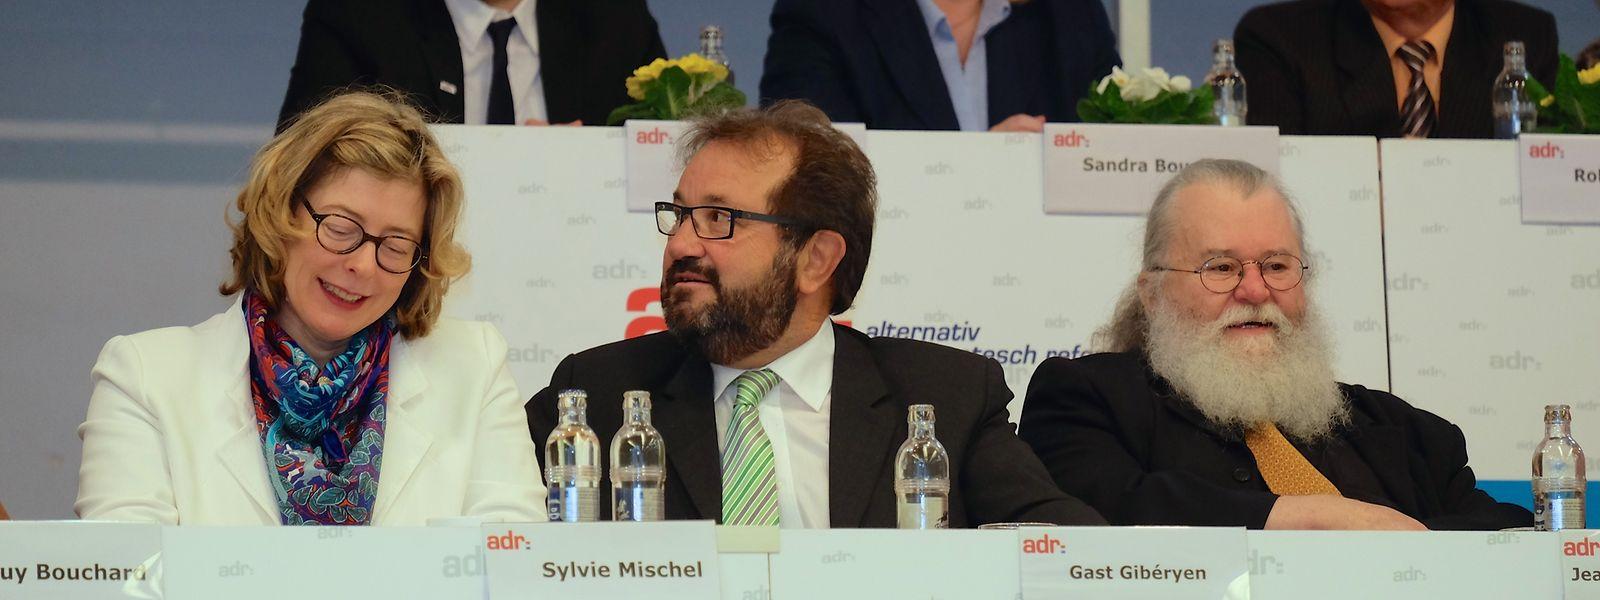 L'élue a dû quitter toutes ses fonctions en décembre pour mettre un terme à la polémique autour de sa critique de l'accueil de réfugiés au Luxembourg.